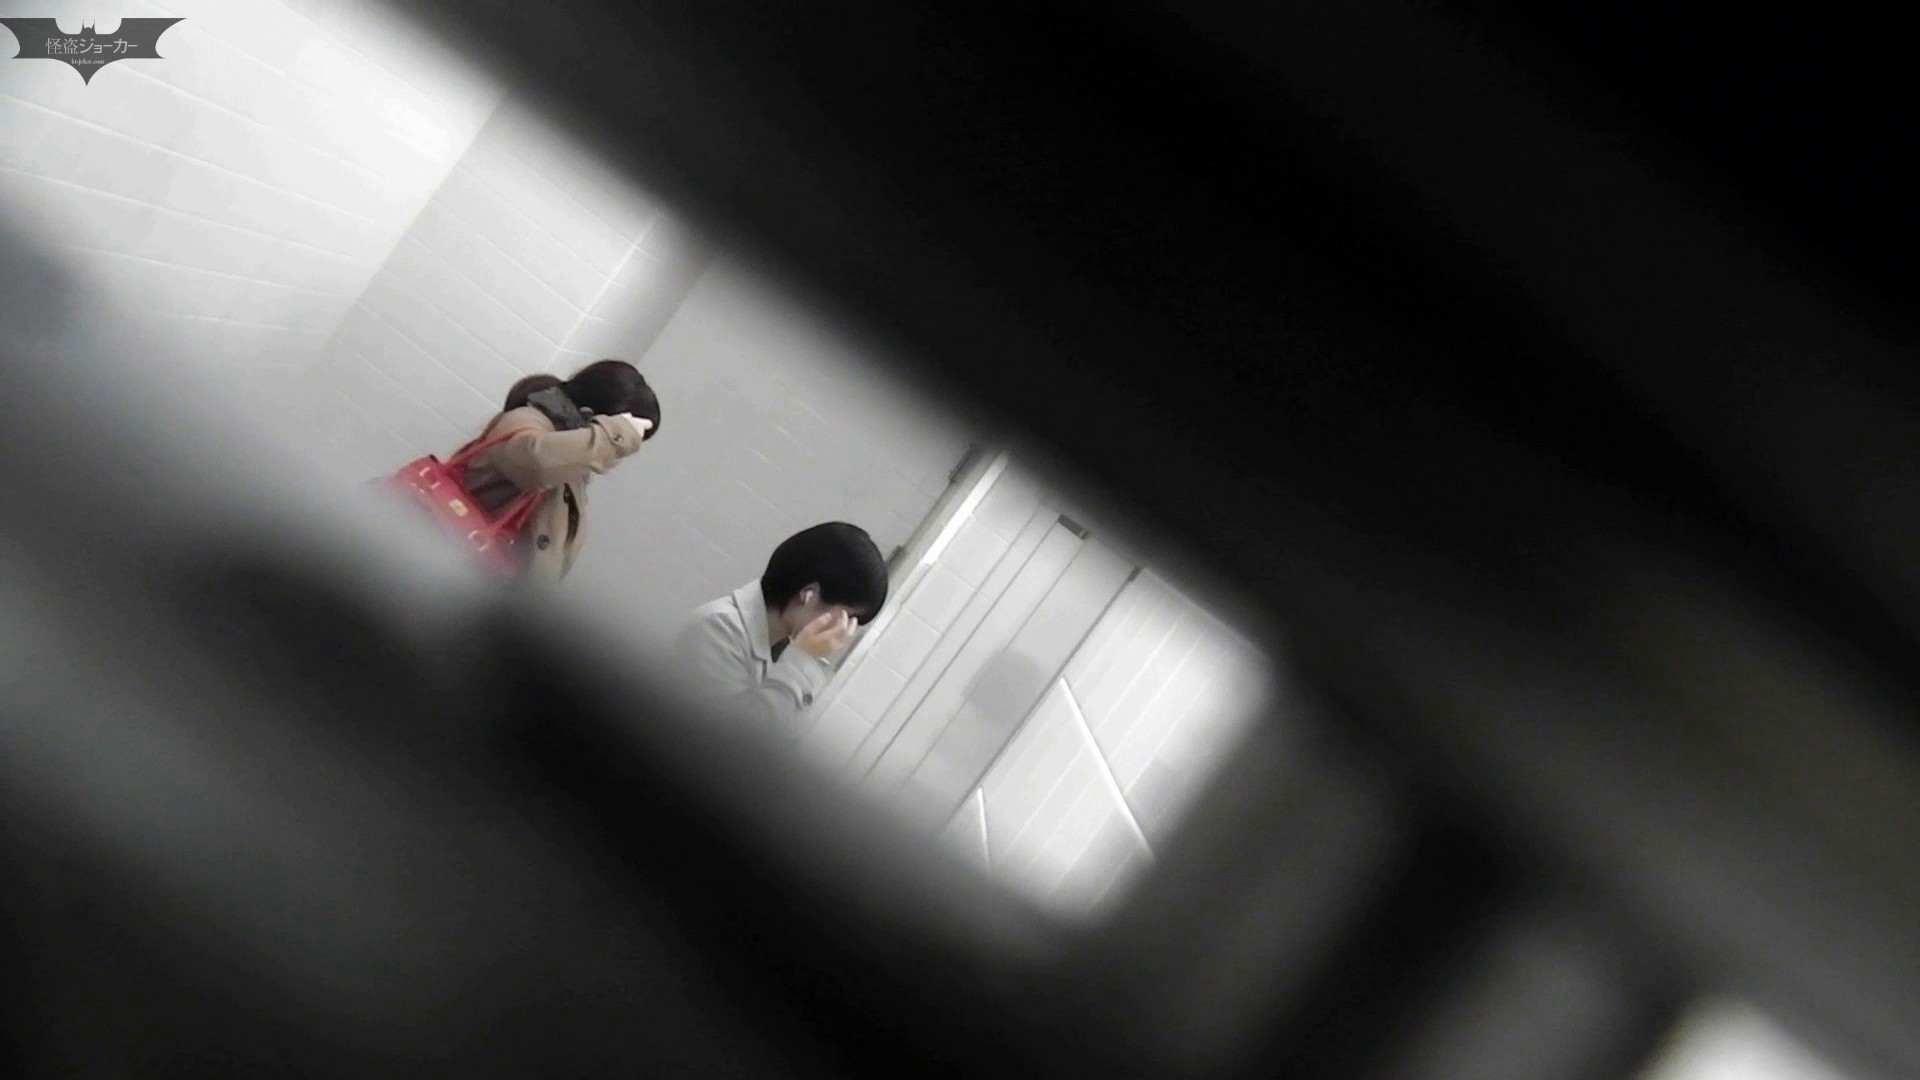 お銀さんの「洗面所突入レポート!!」 vol.53 冬到来!美女も到来! ギャル攻め ヌード画像 60画像 2